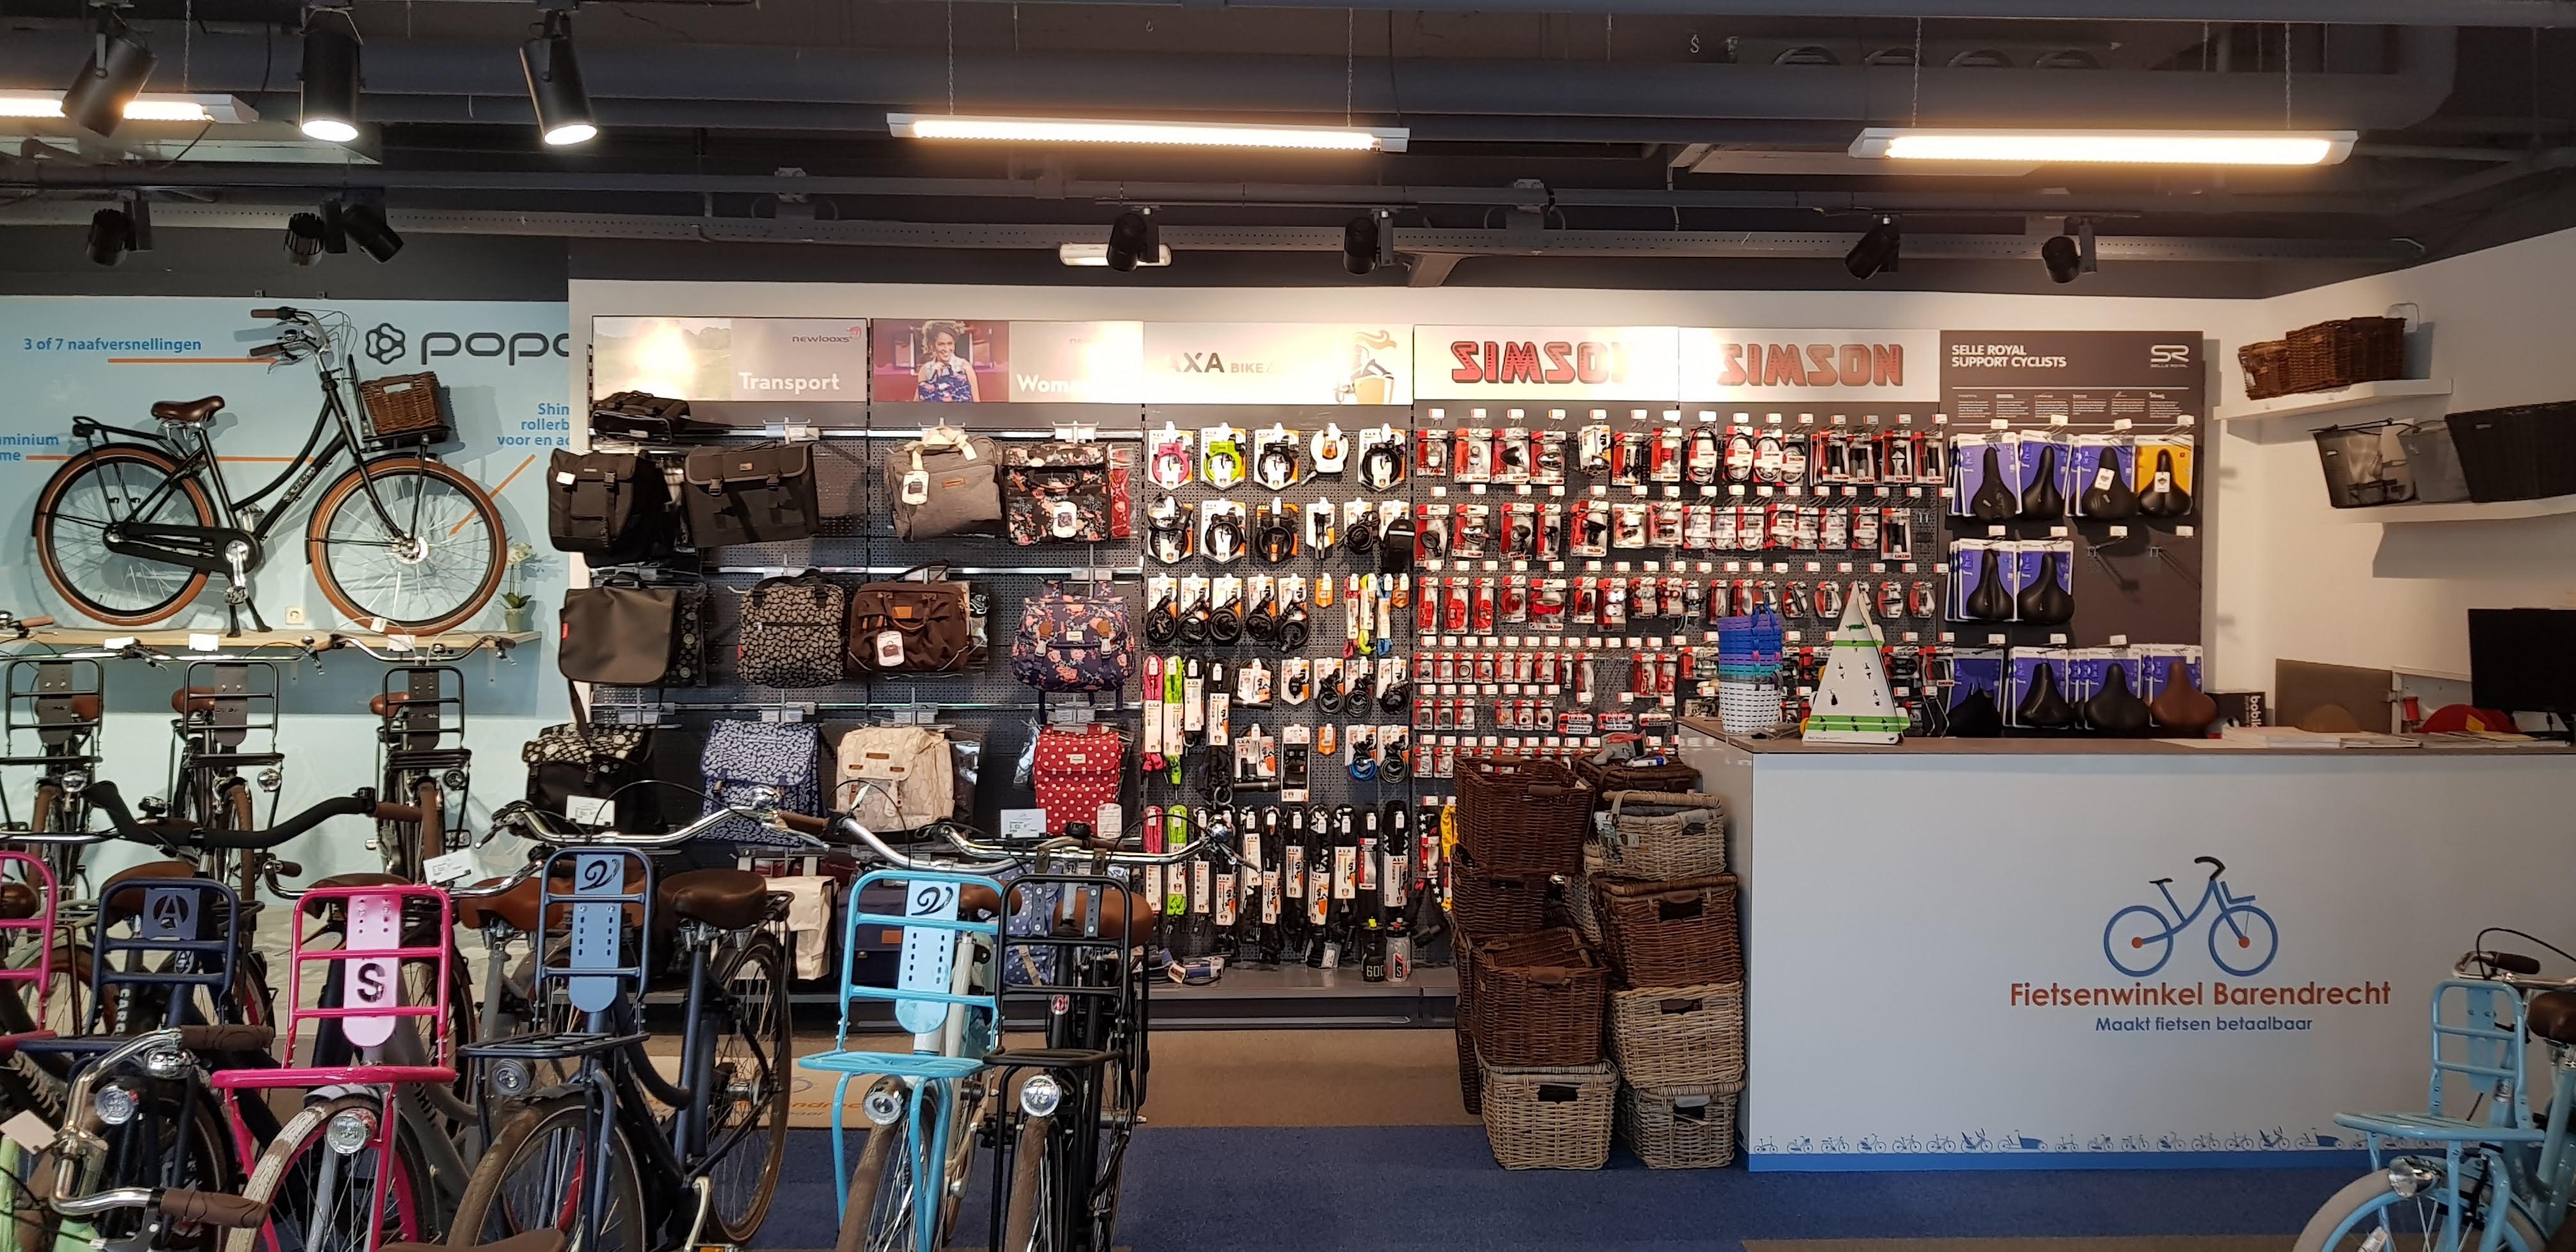 fietsenwinkel barendrecht (9)